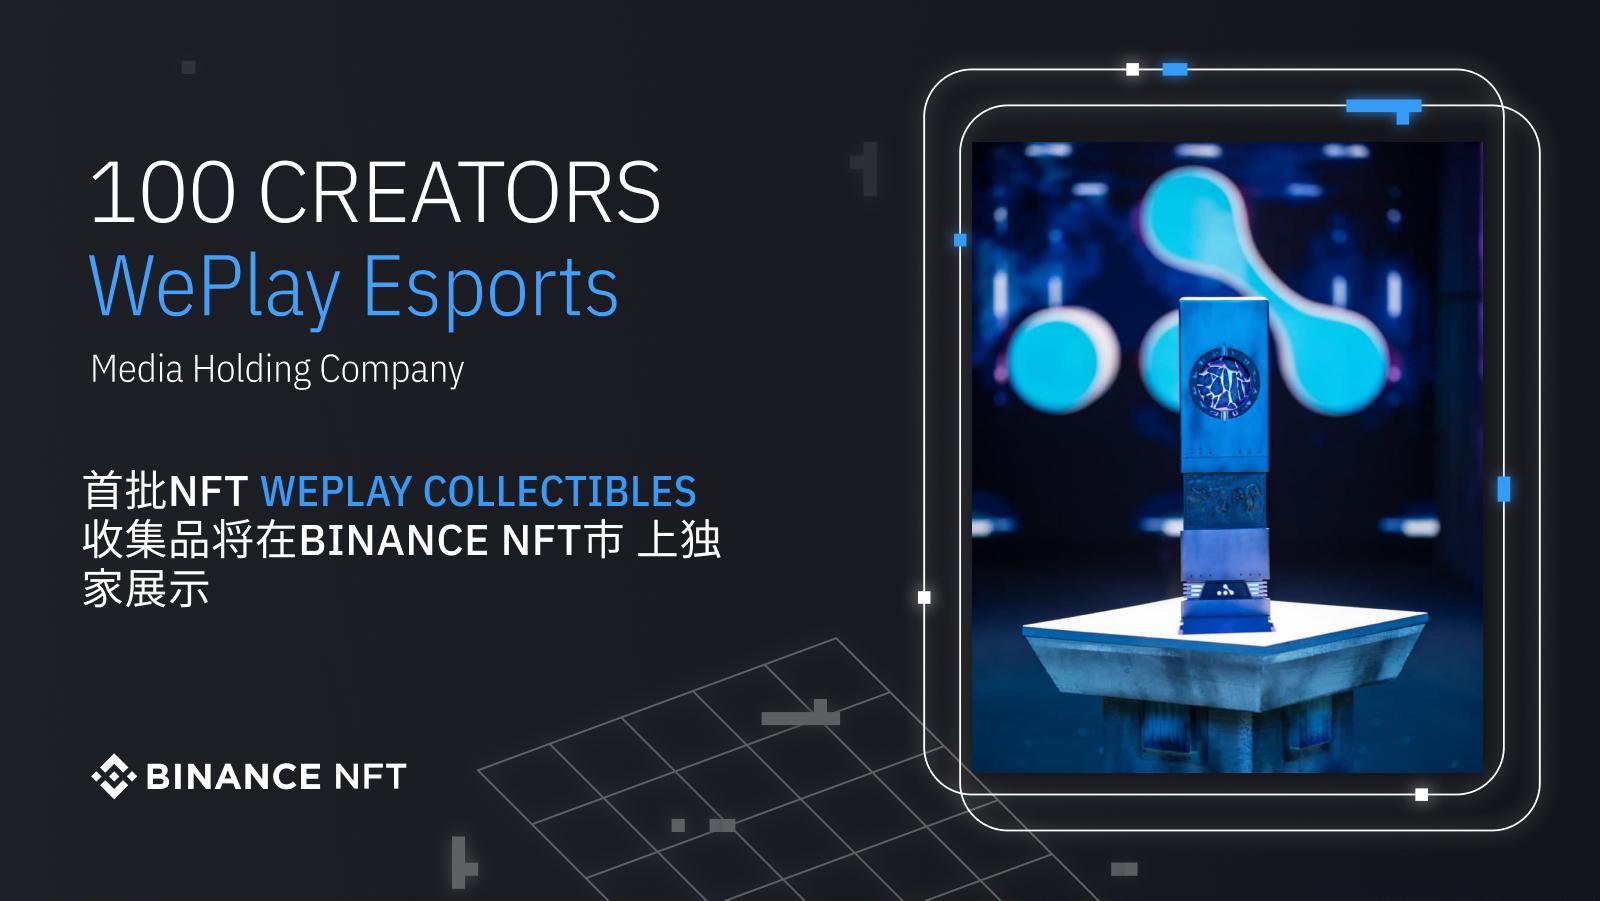 首批NFT WePlay Collectibles 收集品将在Binance NFT市场上独家展示。 图片:Binance NFT